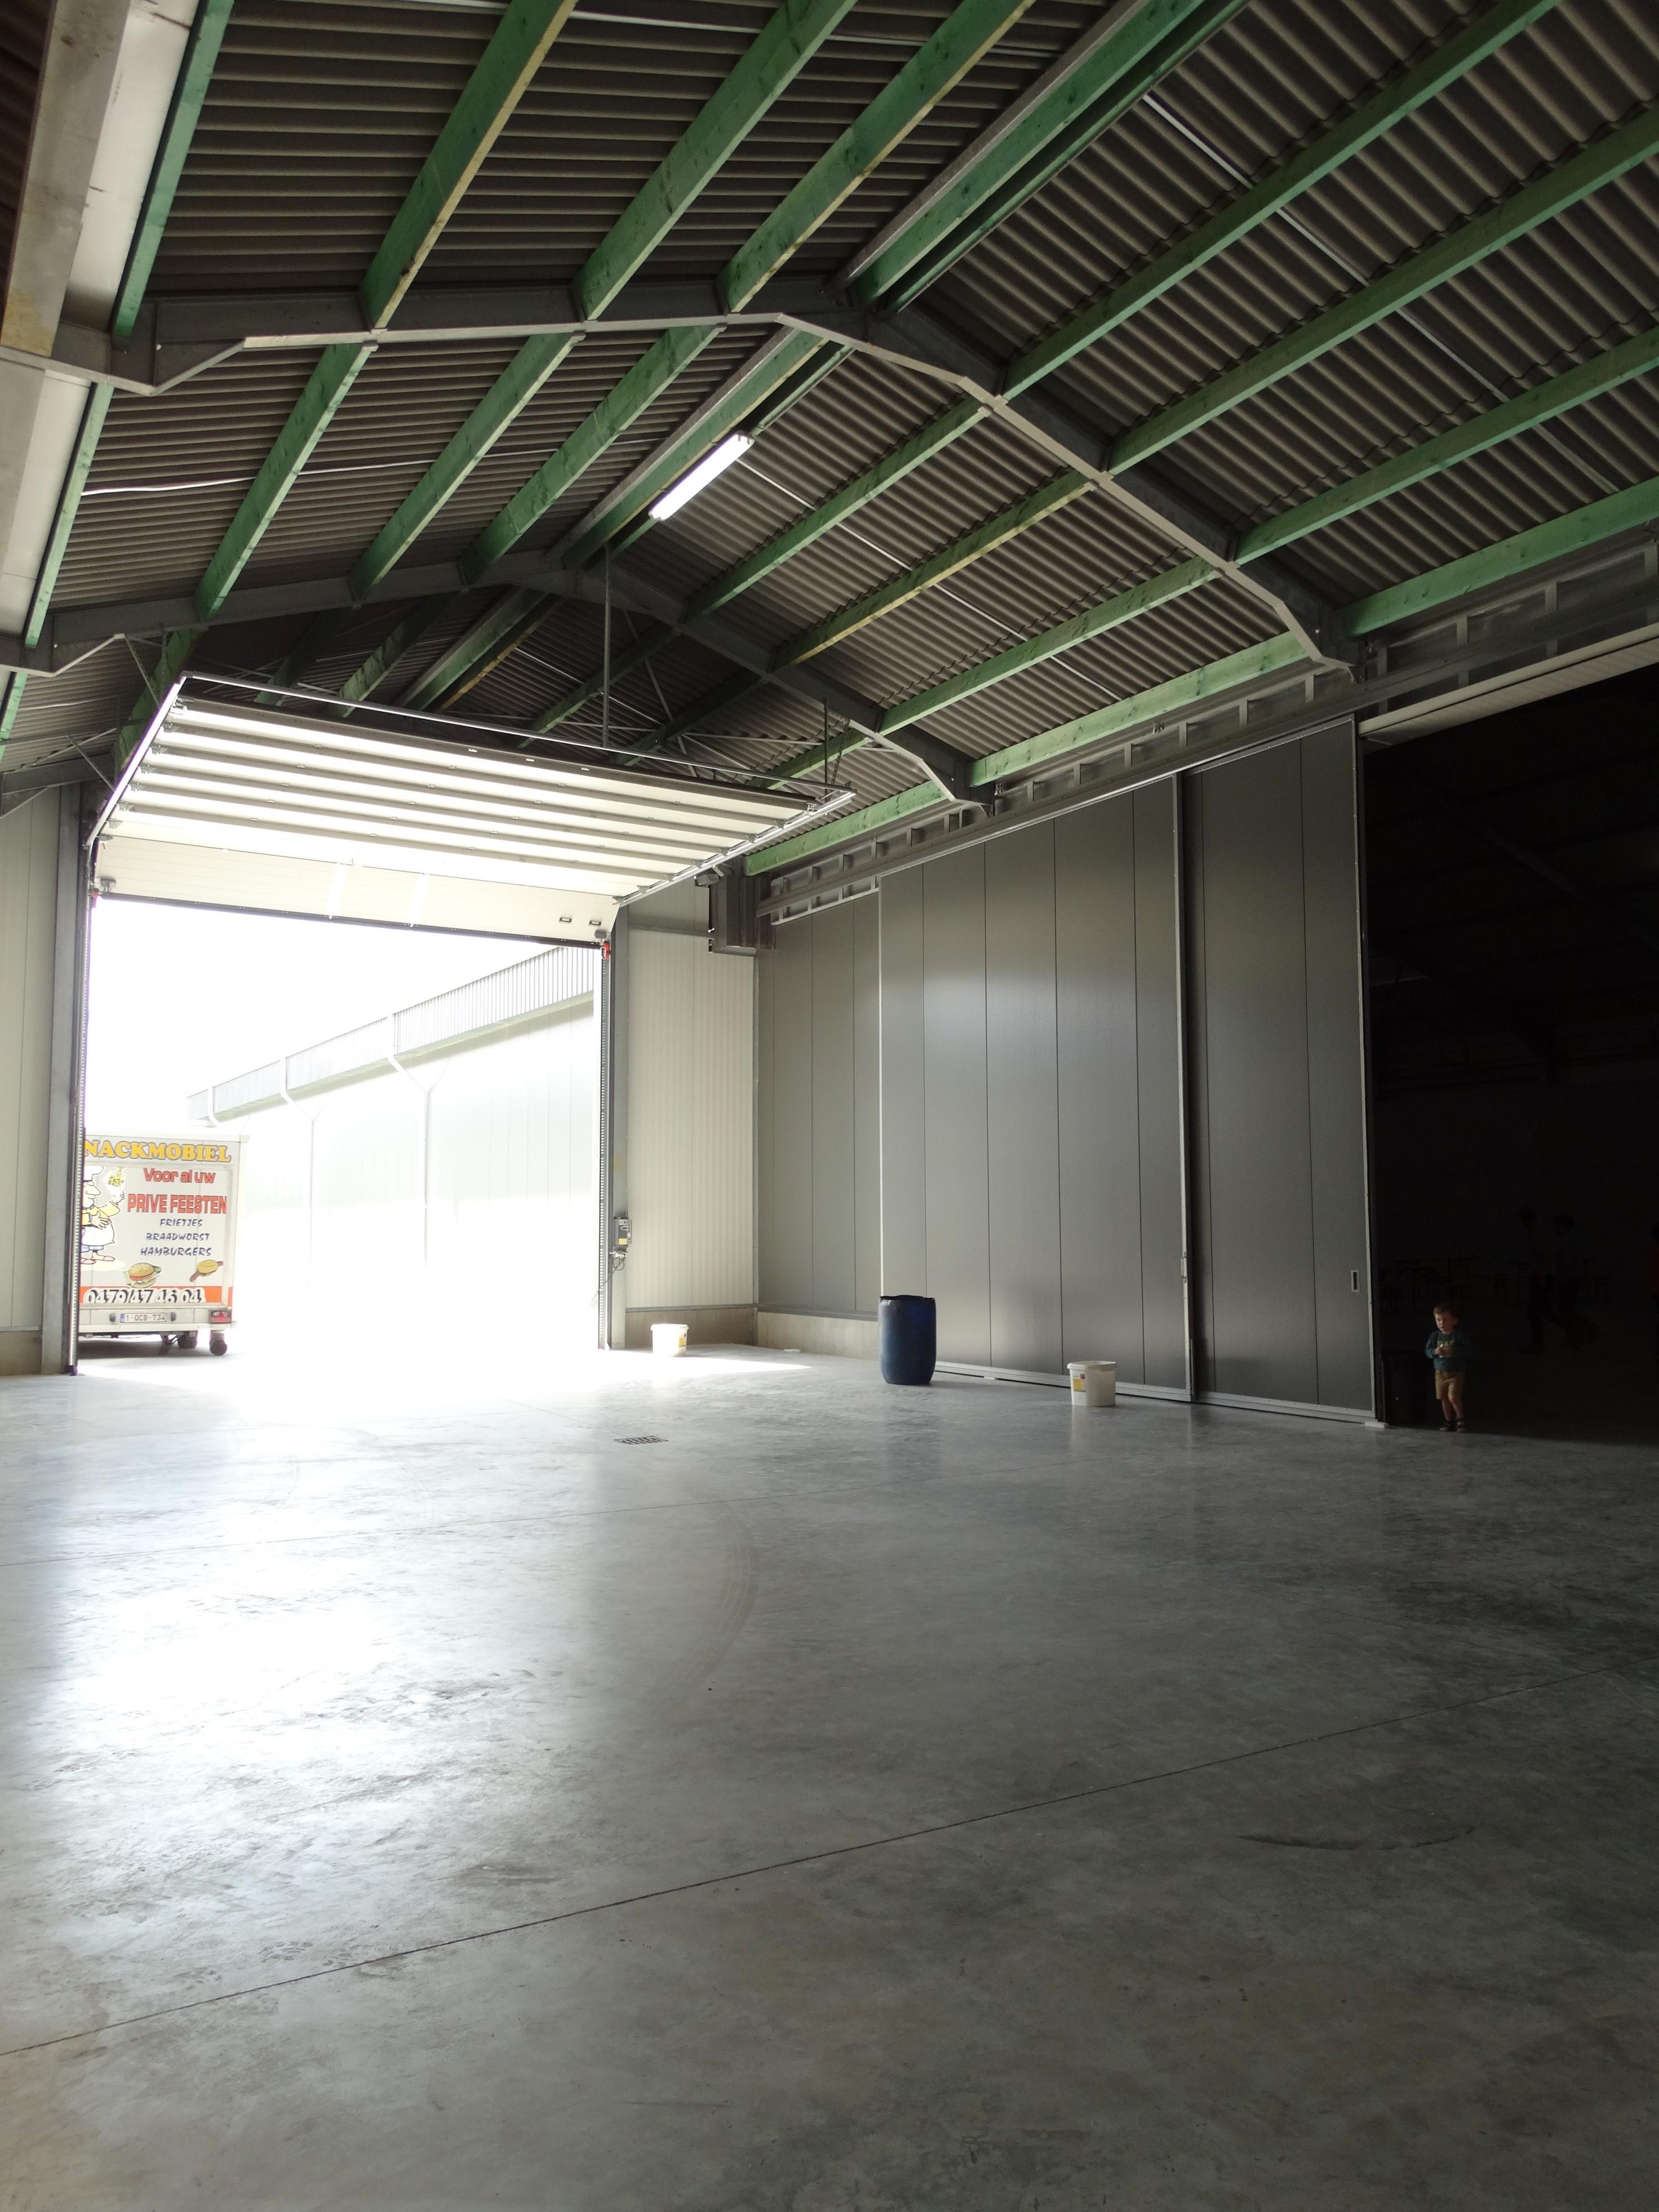 lefevre-Rosseignies-aardappelloods_hangar stockage pommes de terre (17)